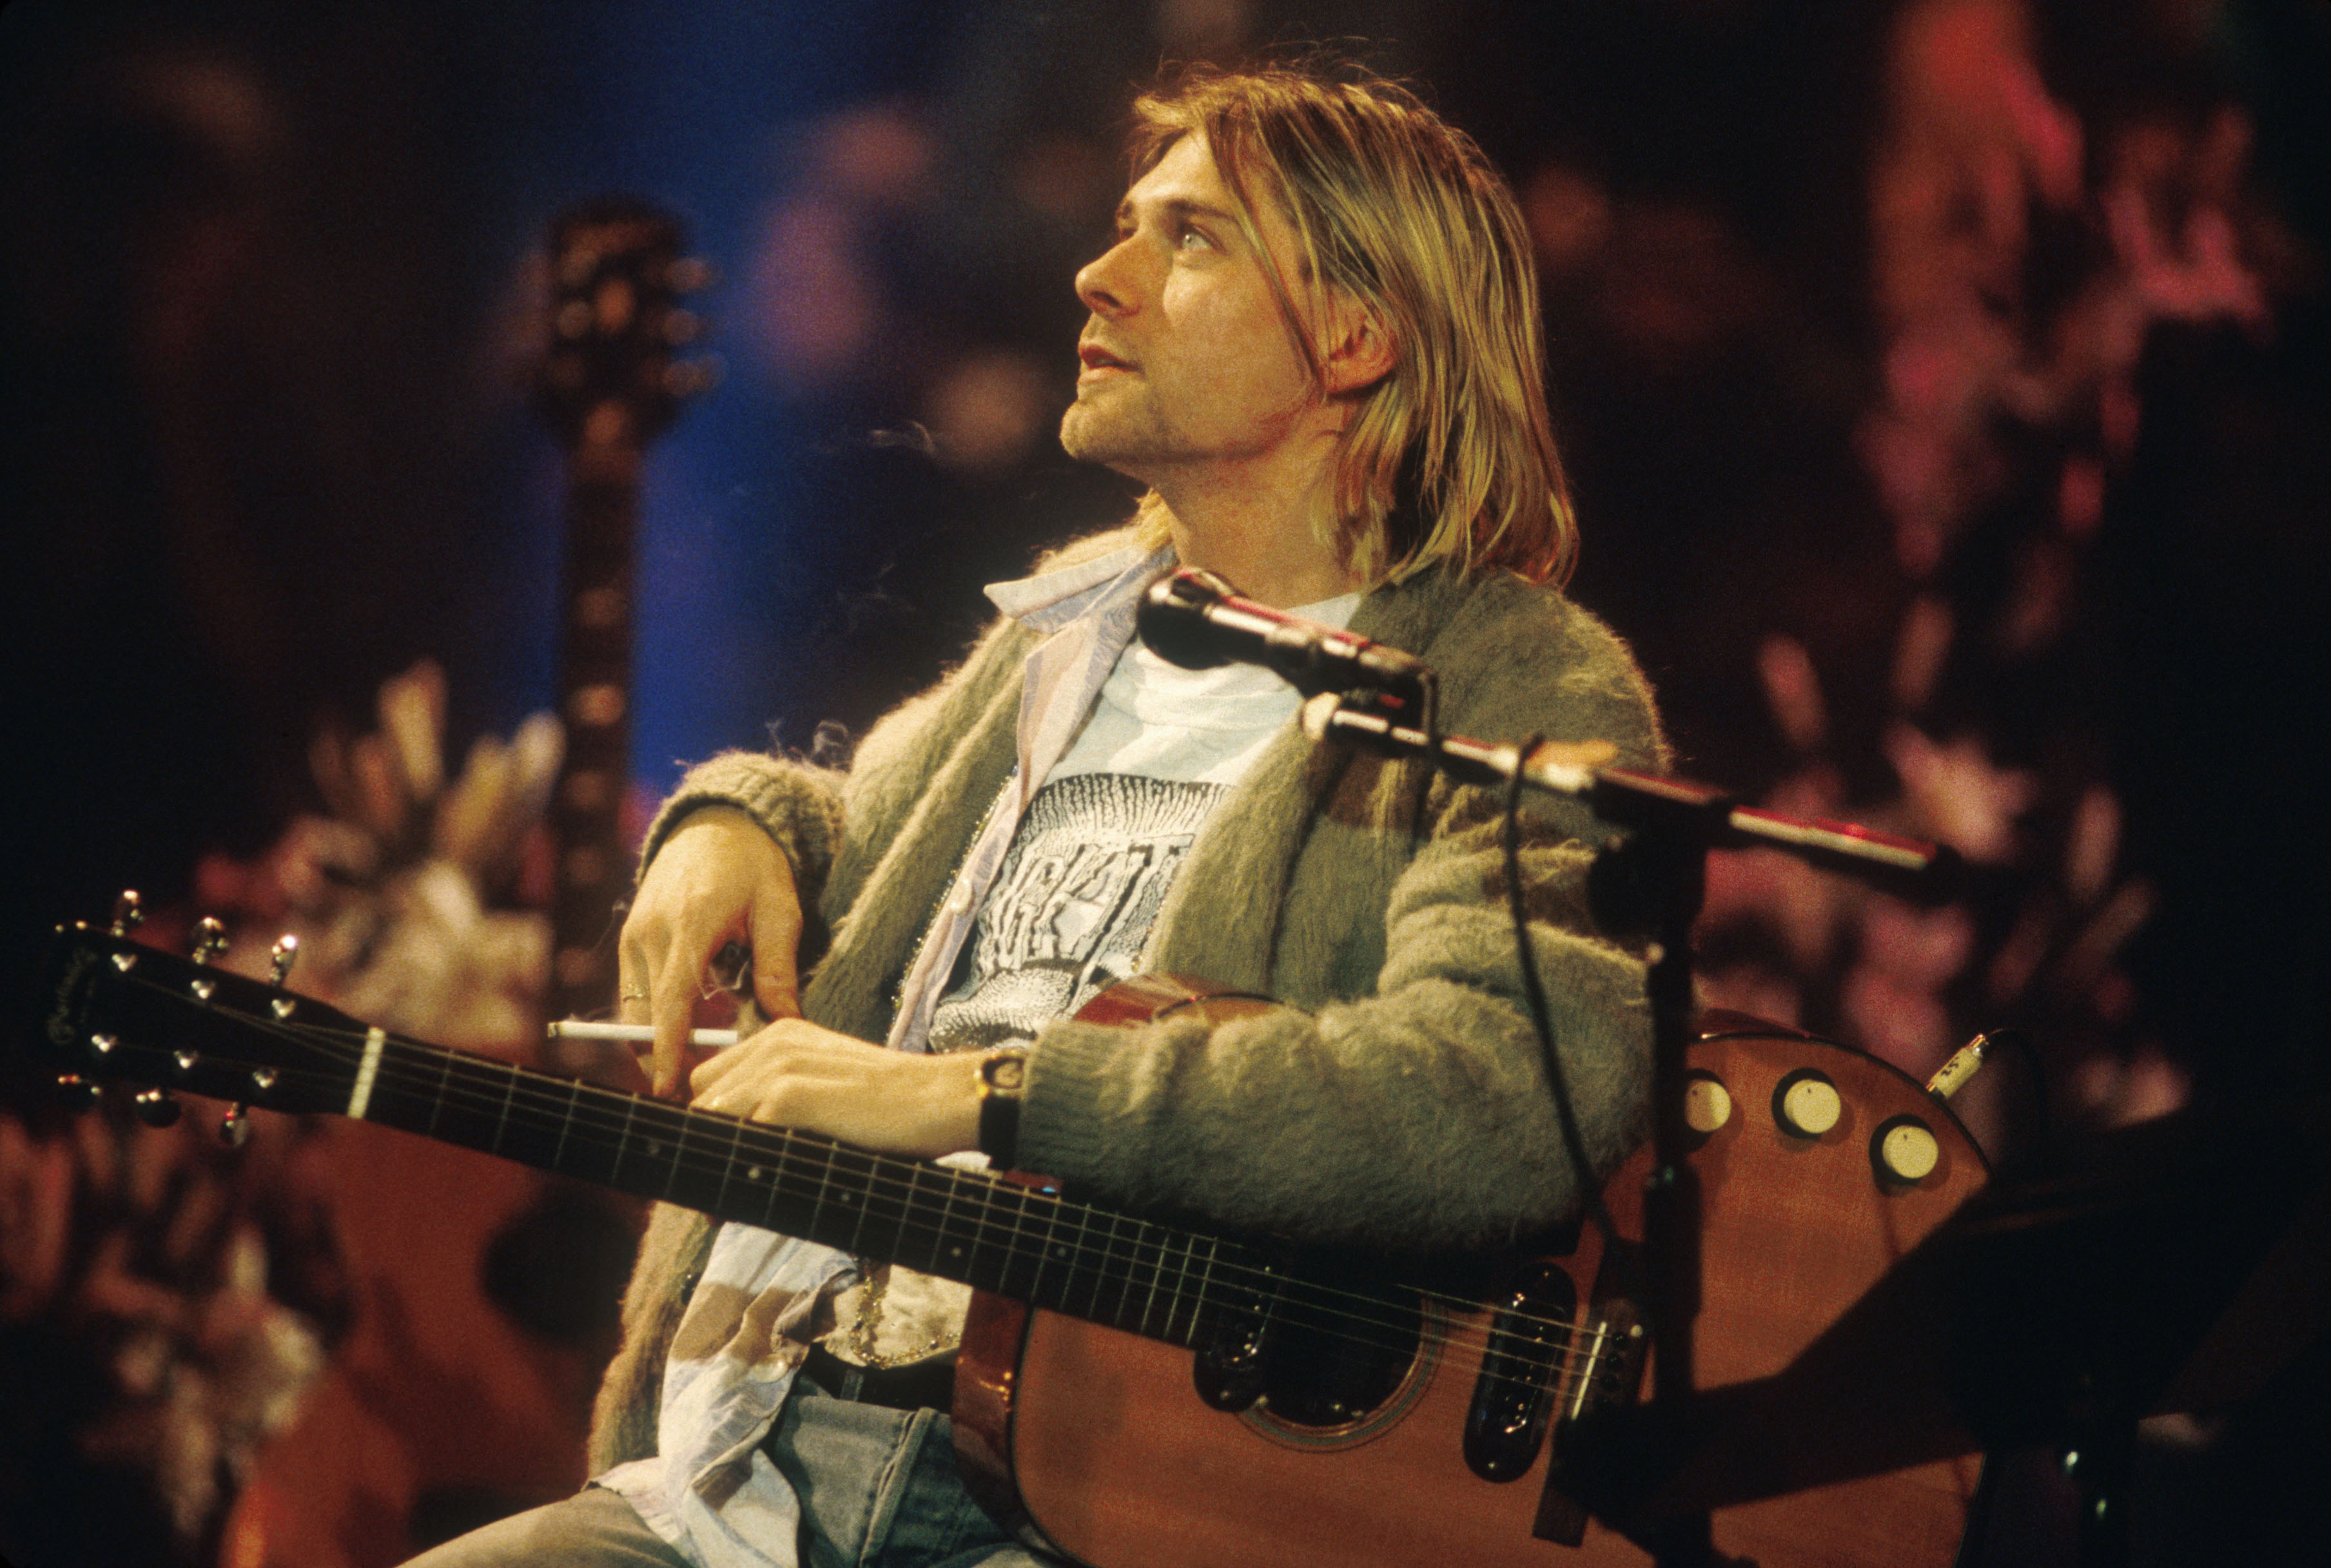 ¡Vendido! El legendario cárdigan de Kurt Cobain fue subastado por ¡334 mil dólares!